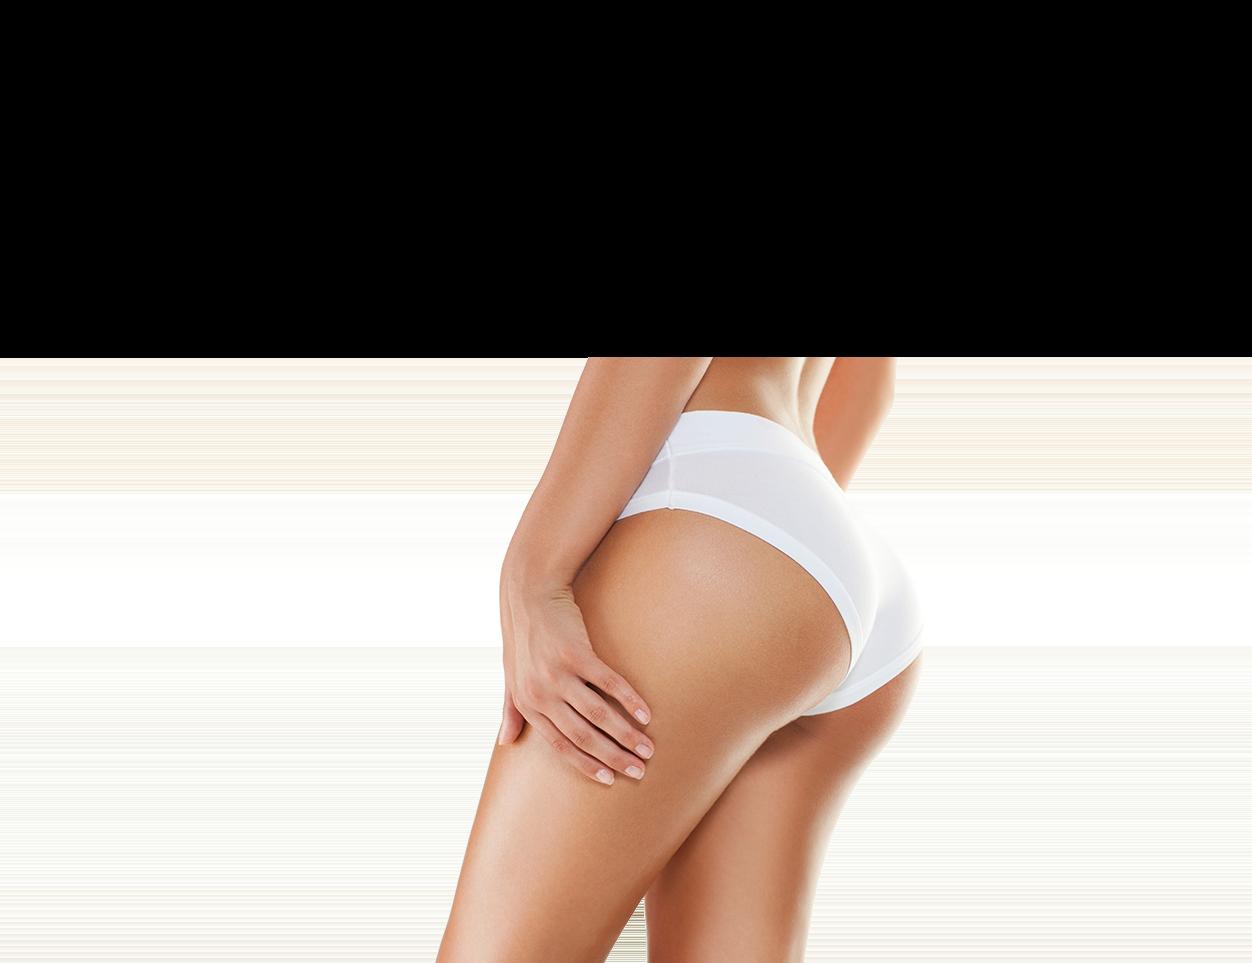 QWO® Cellulite Treatment Model